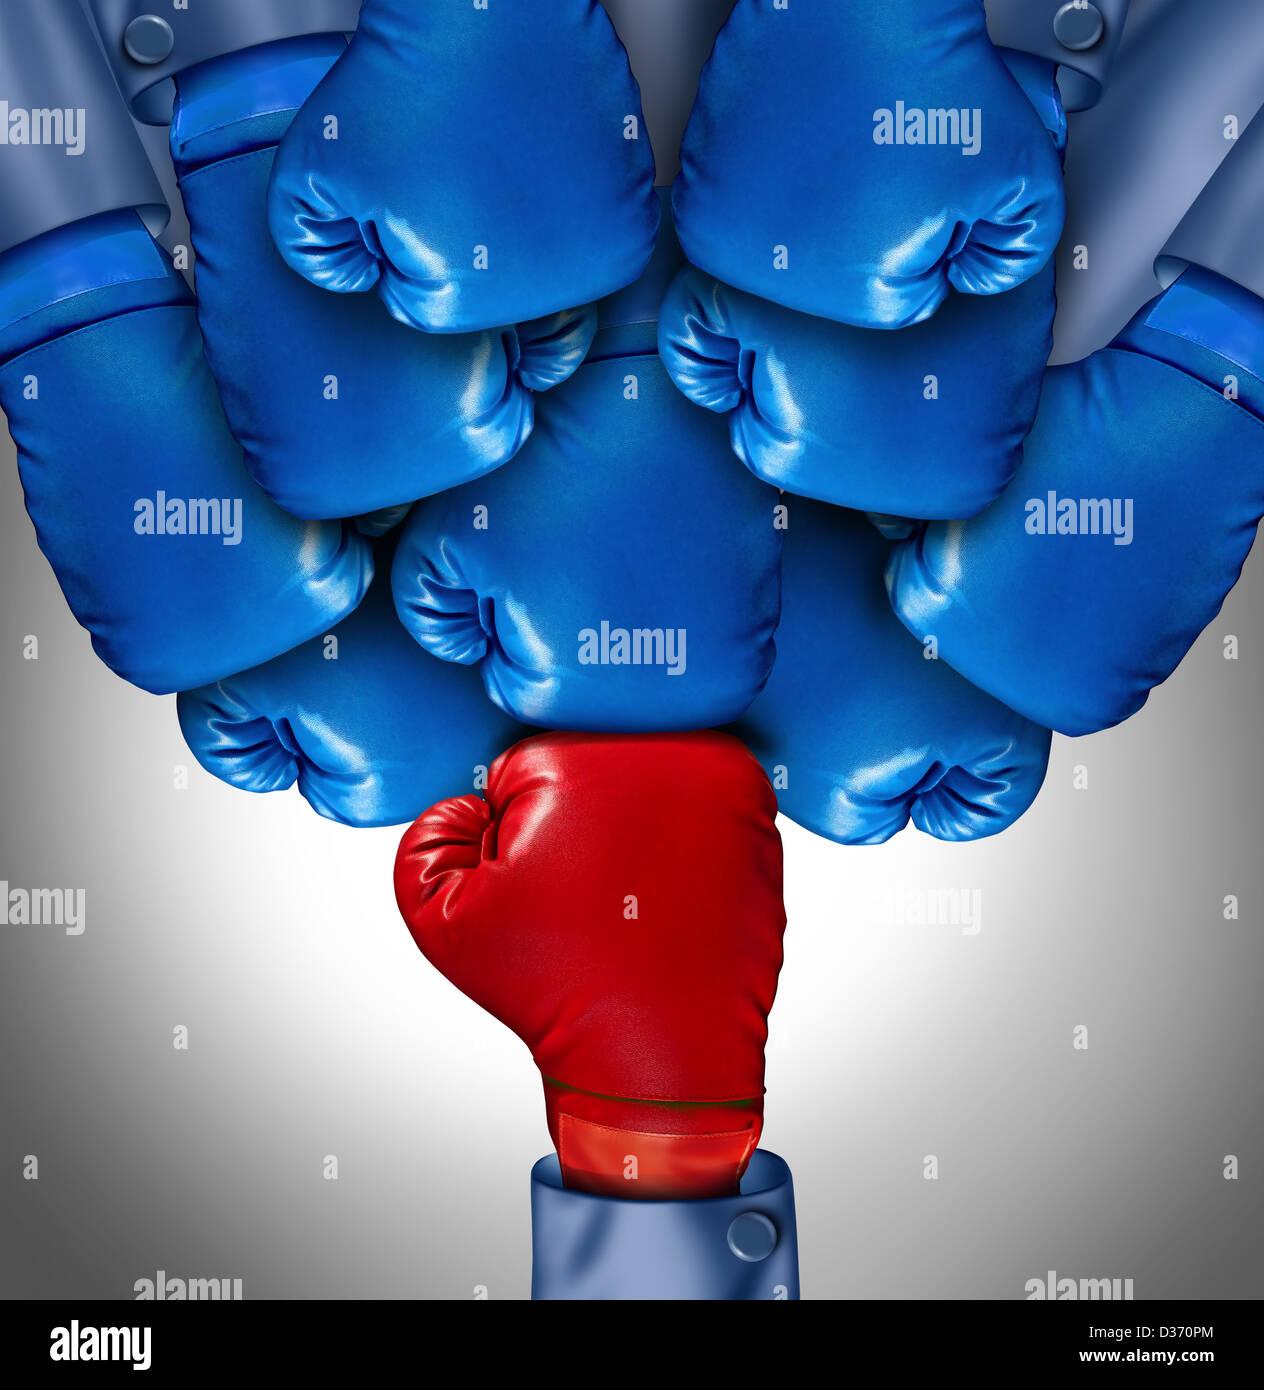 Widrigkeiten zu überwinden und Herausforderungen als eine Gruppe von blauen Boxhandschuhe ganging bis auf einen Stockbild